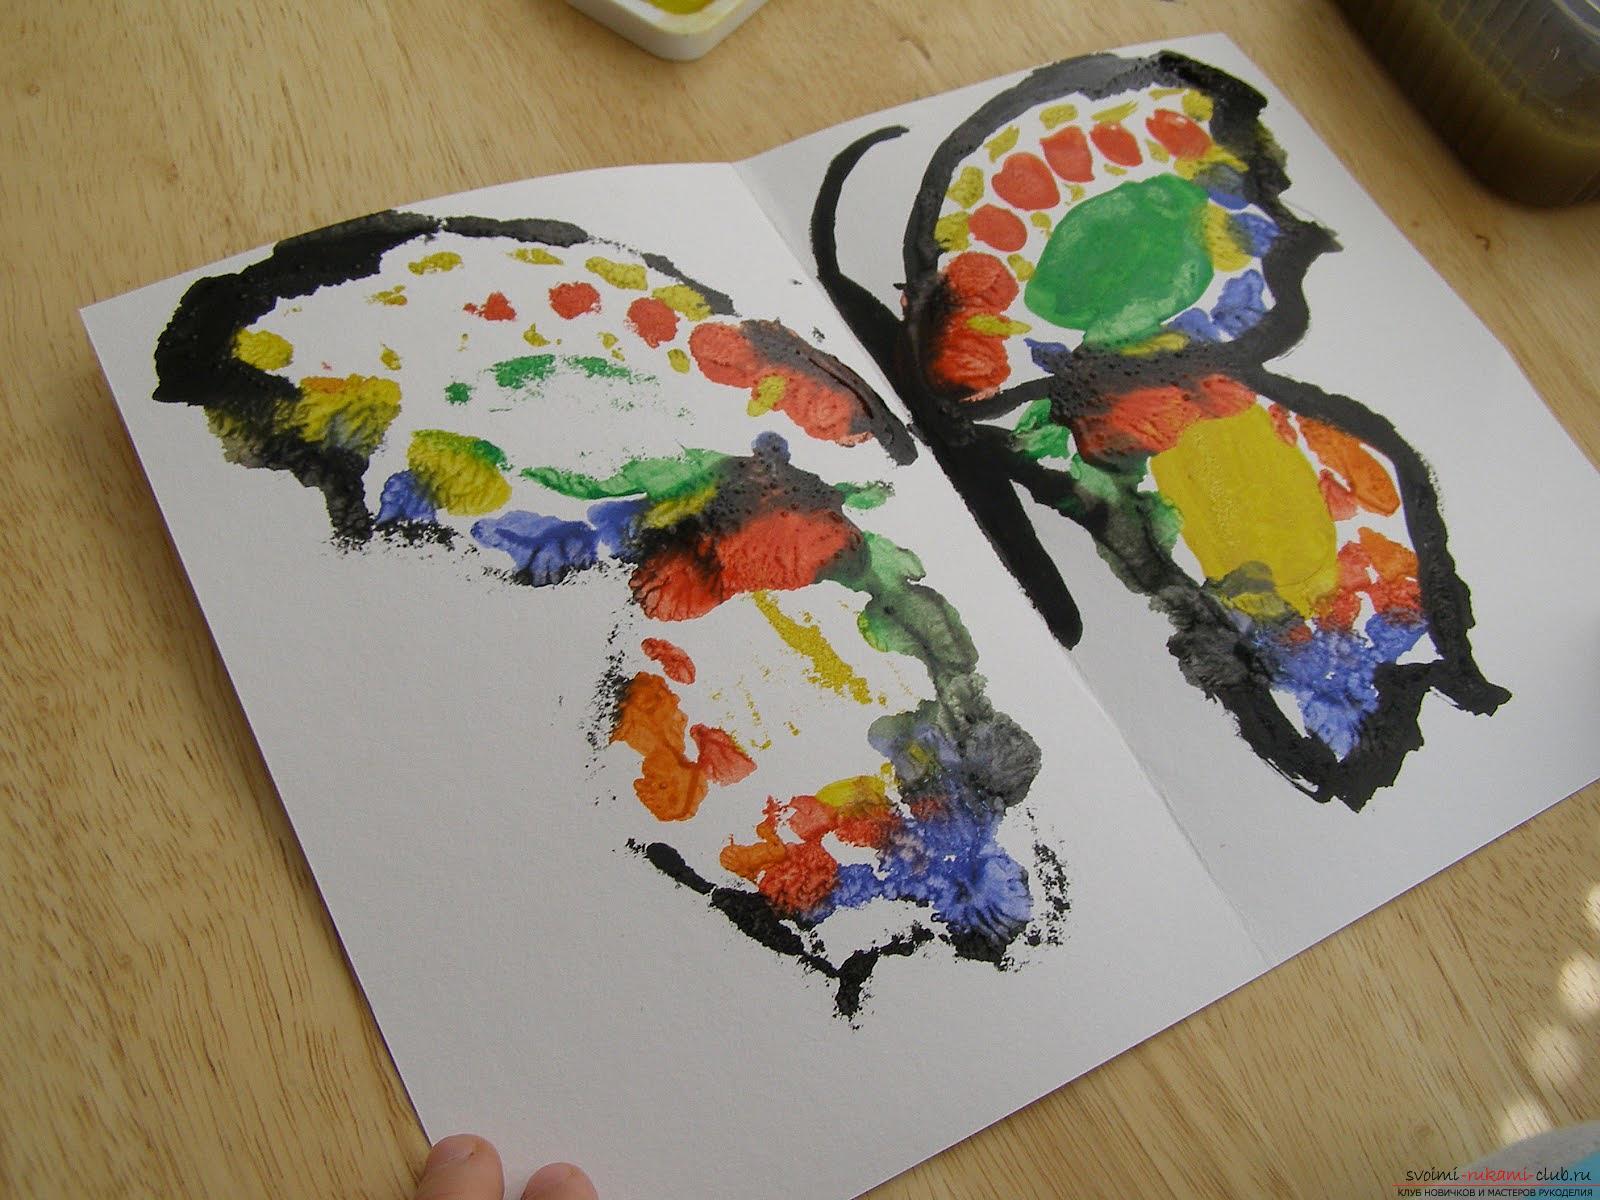 Основные методы рисования в нетрадиционном стиле. Фото №1